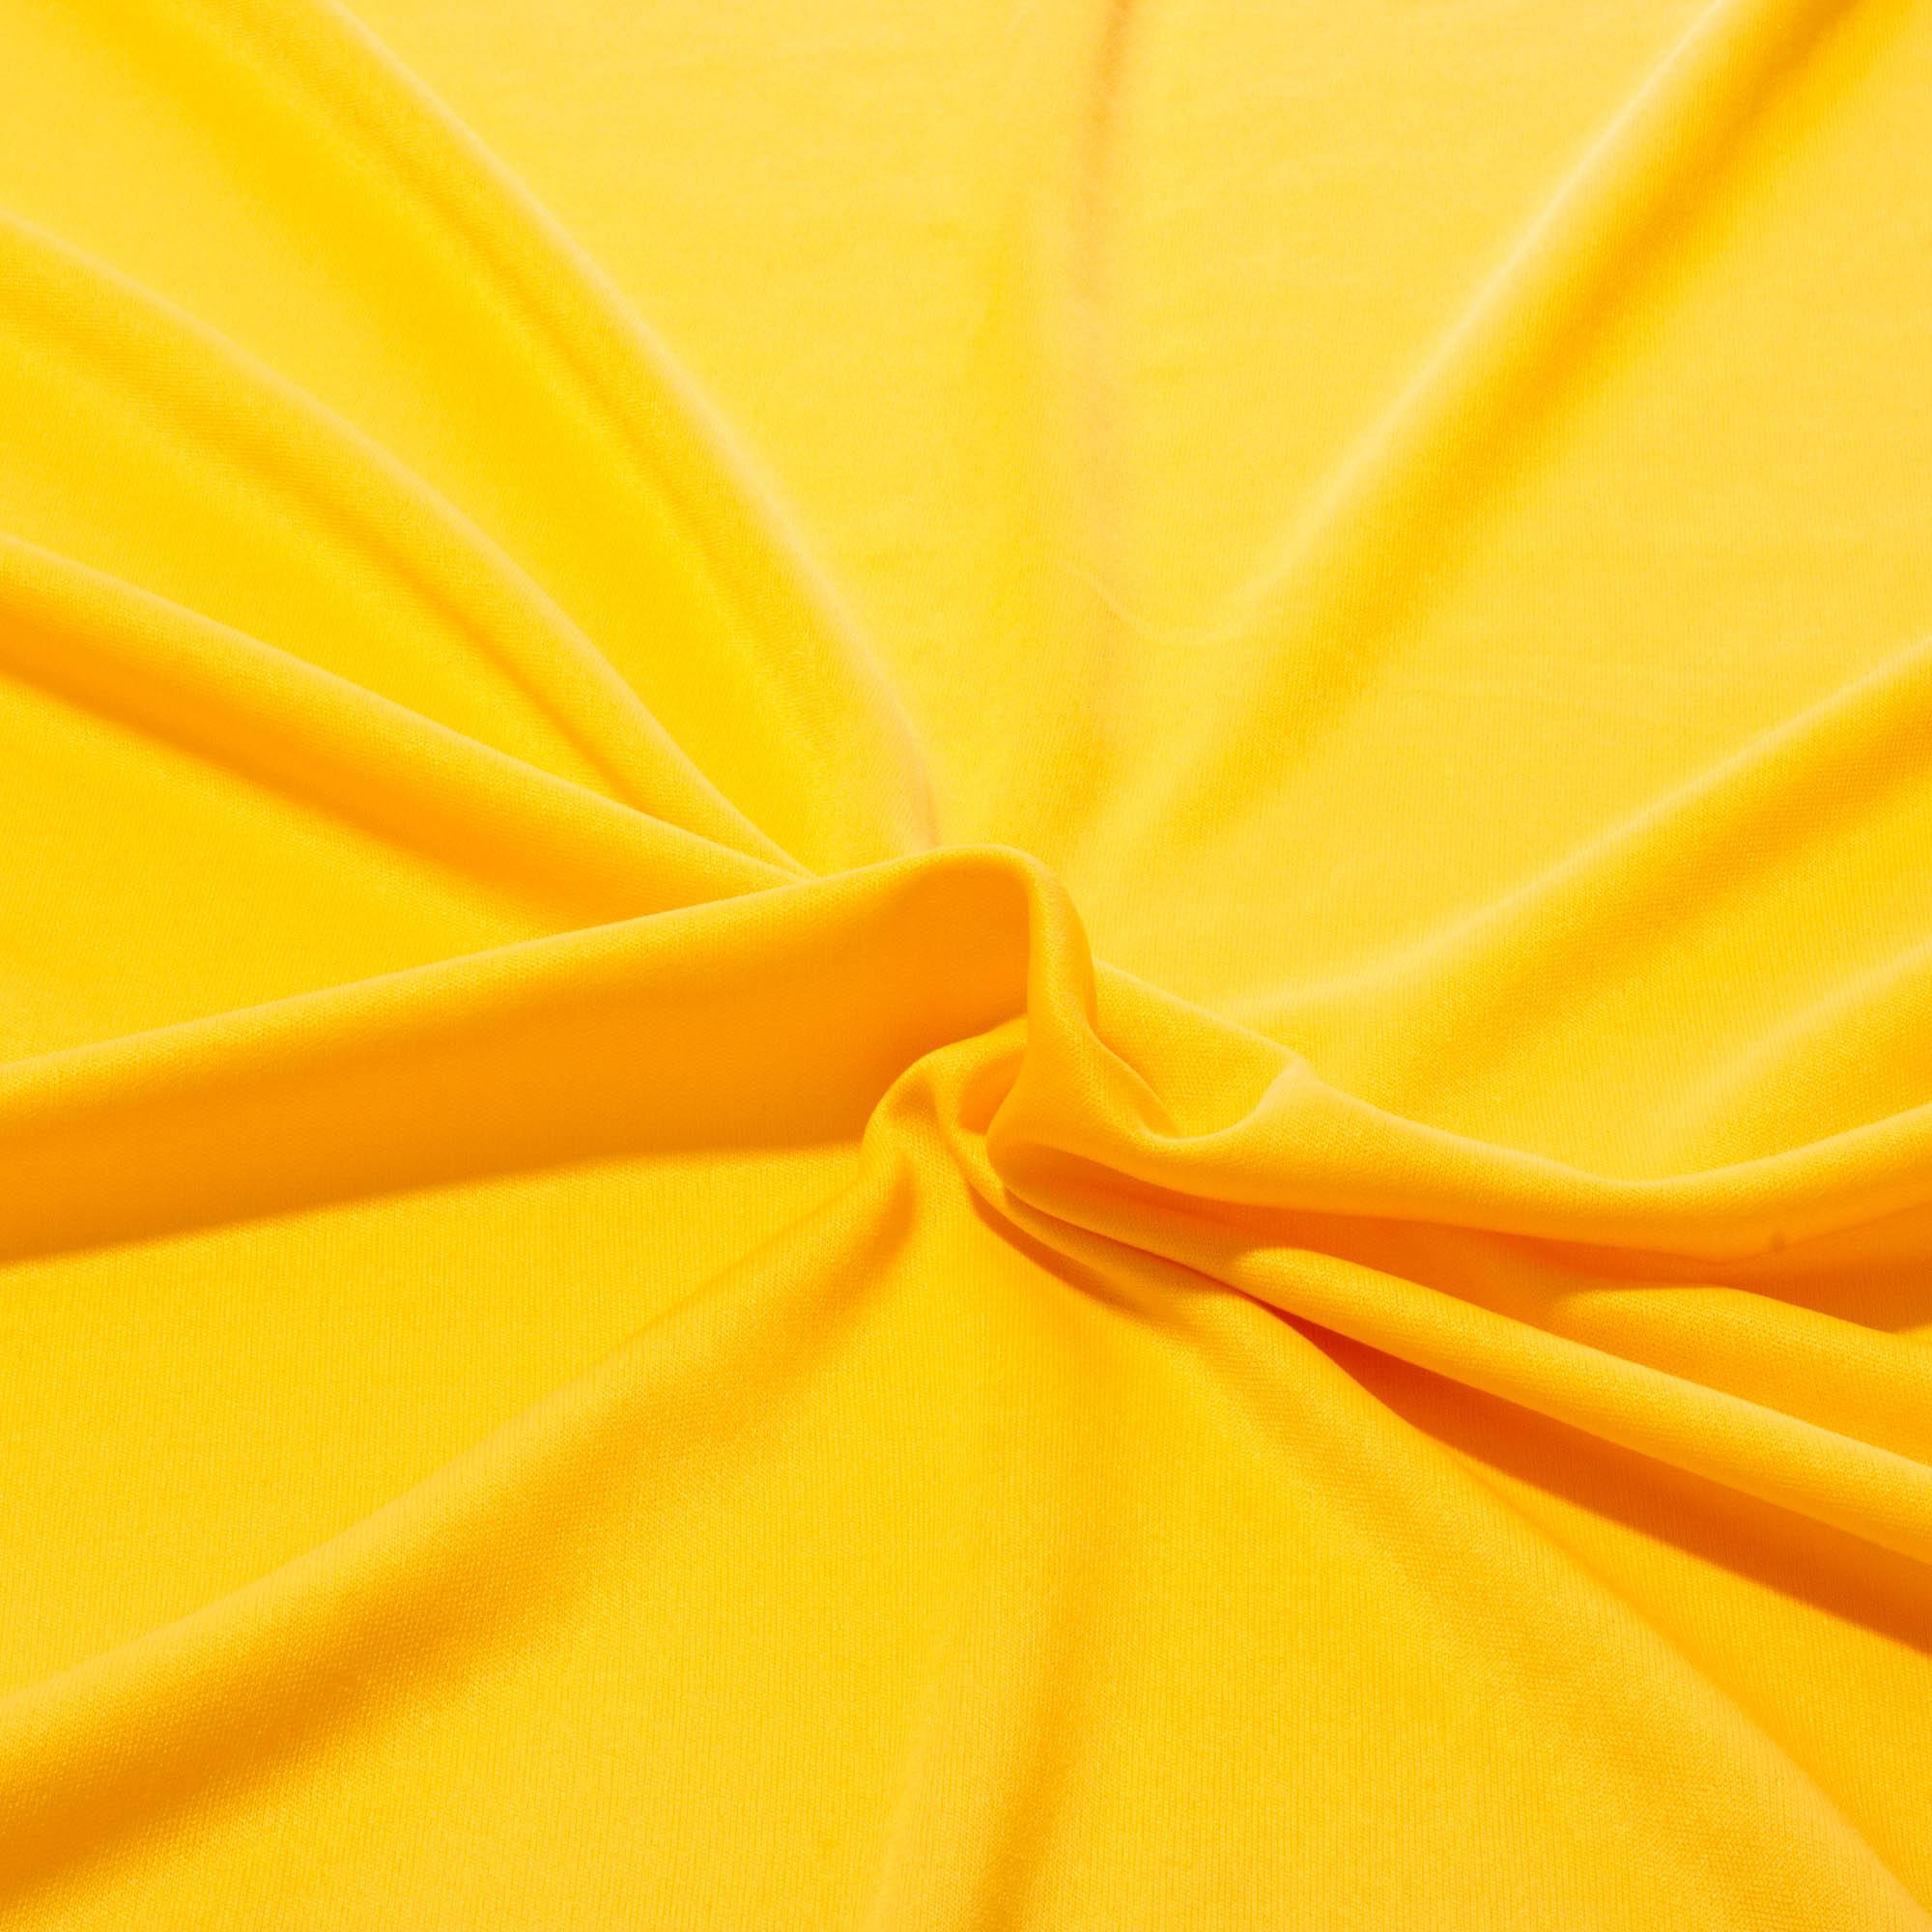 Tecido Malha Helanca Light 100% Poliester 1,80 Mt Largura Amarelo Ouro